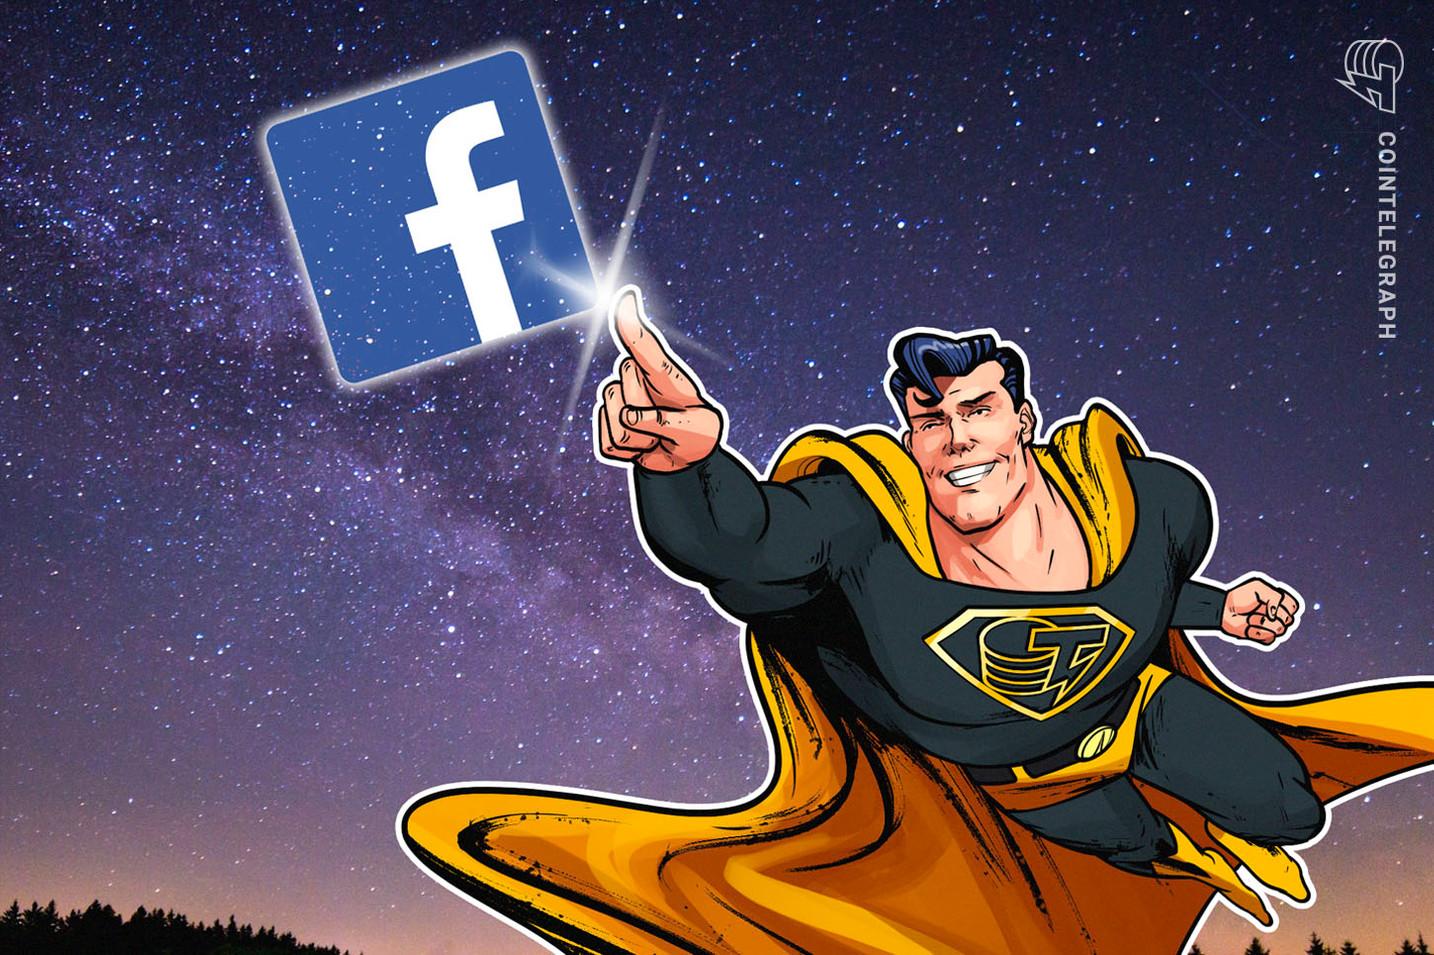 Ahora es un buen momento para visitar la página desbloqueada de Cointelegraph en Facebook